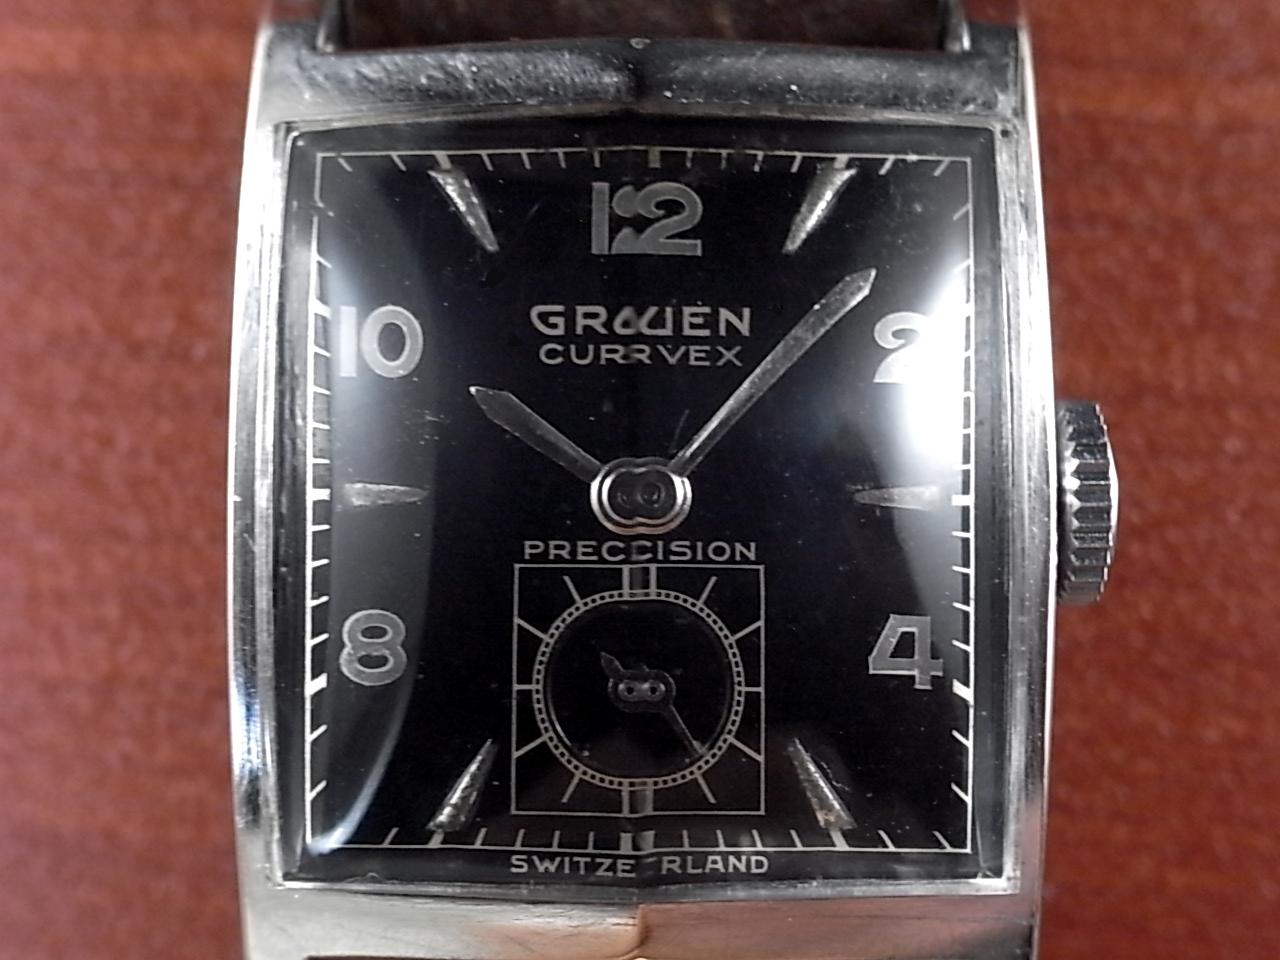 グリュエン カーベックス 10KWGF ブラックミラーダイアル Cal.370 1940年代の写真2枚目